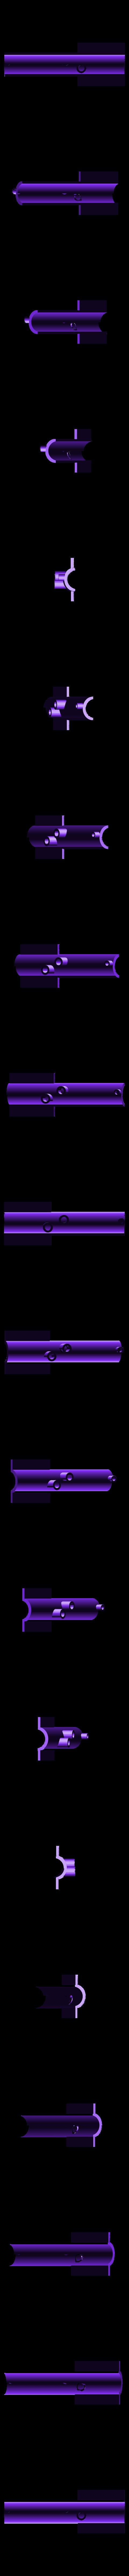 mousetrap-red-gutter-small.stl Télécharger fichier STL gratuit TortureTrap : une extension du piège à souris • Objet pour impression 3D, mrhers2